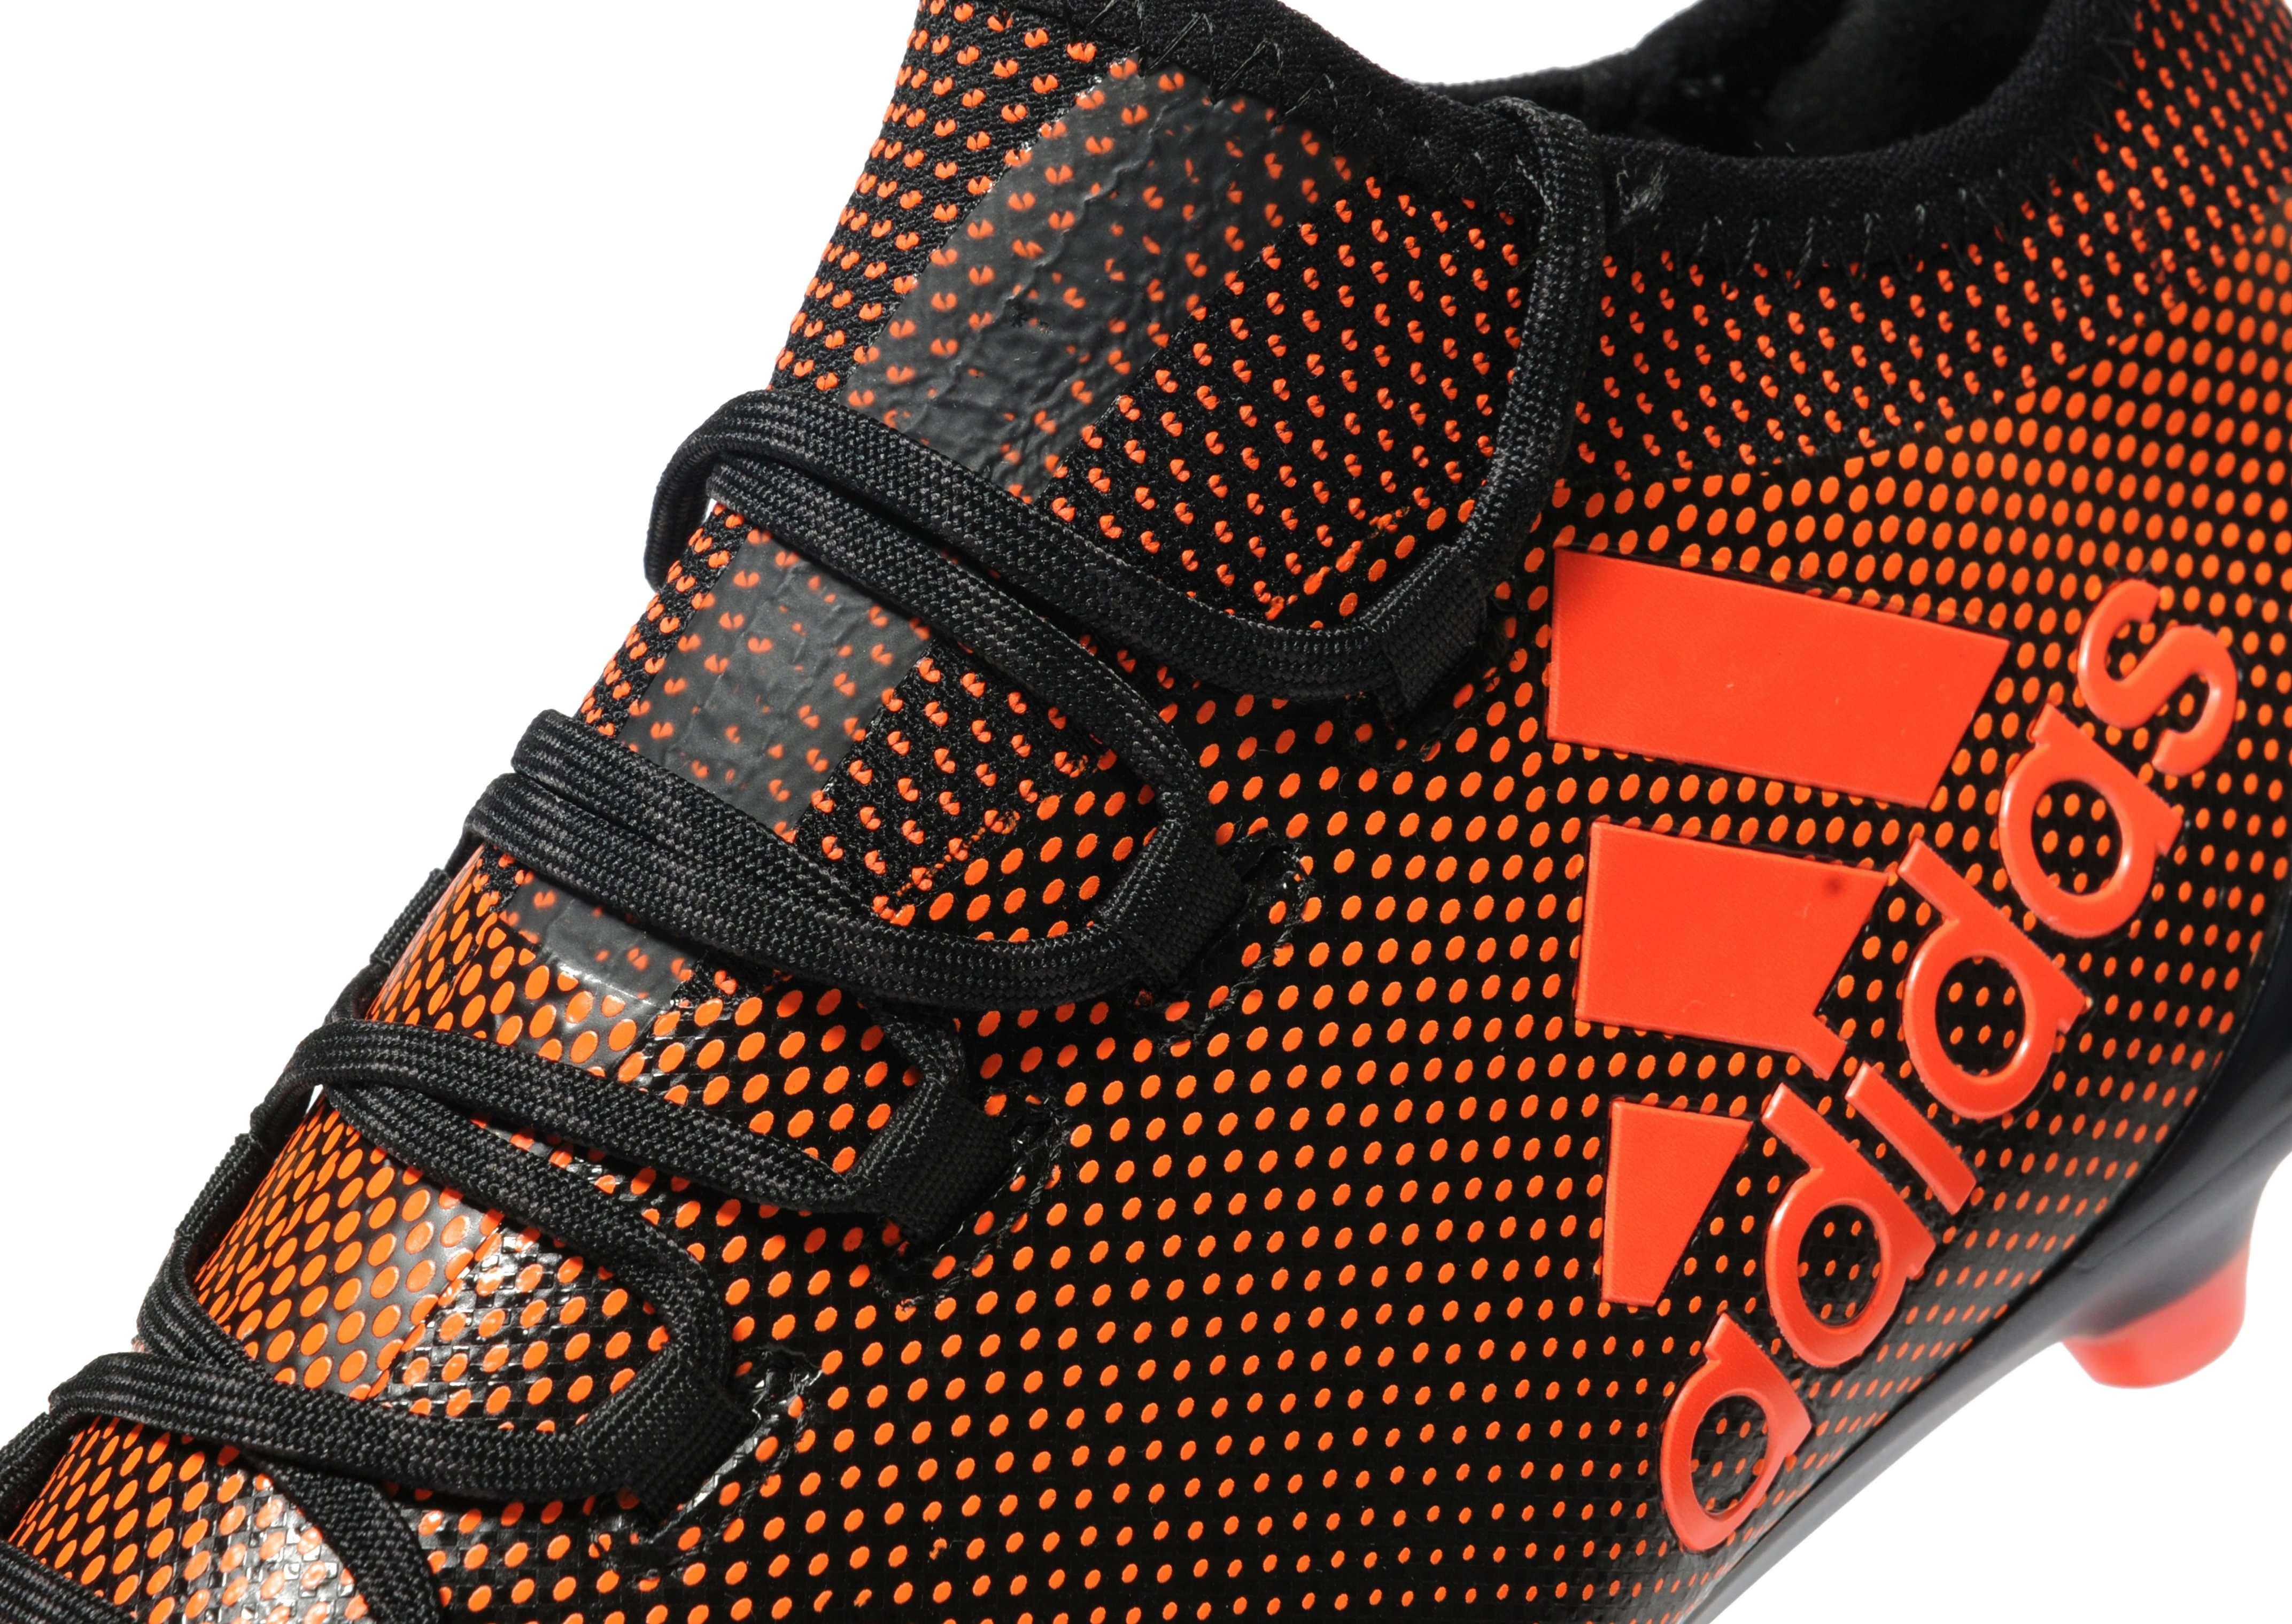 adidas Pyro Storm X 17.1 FG